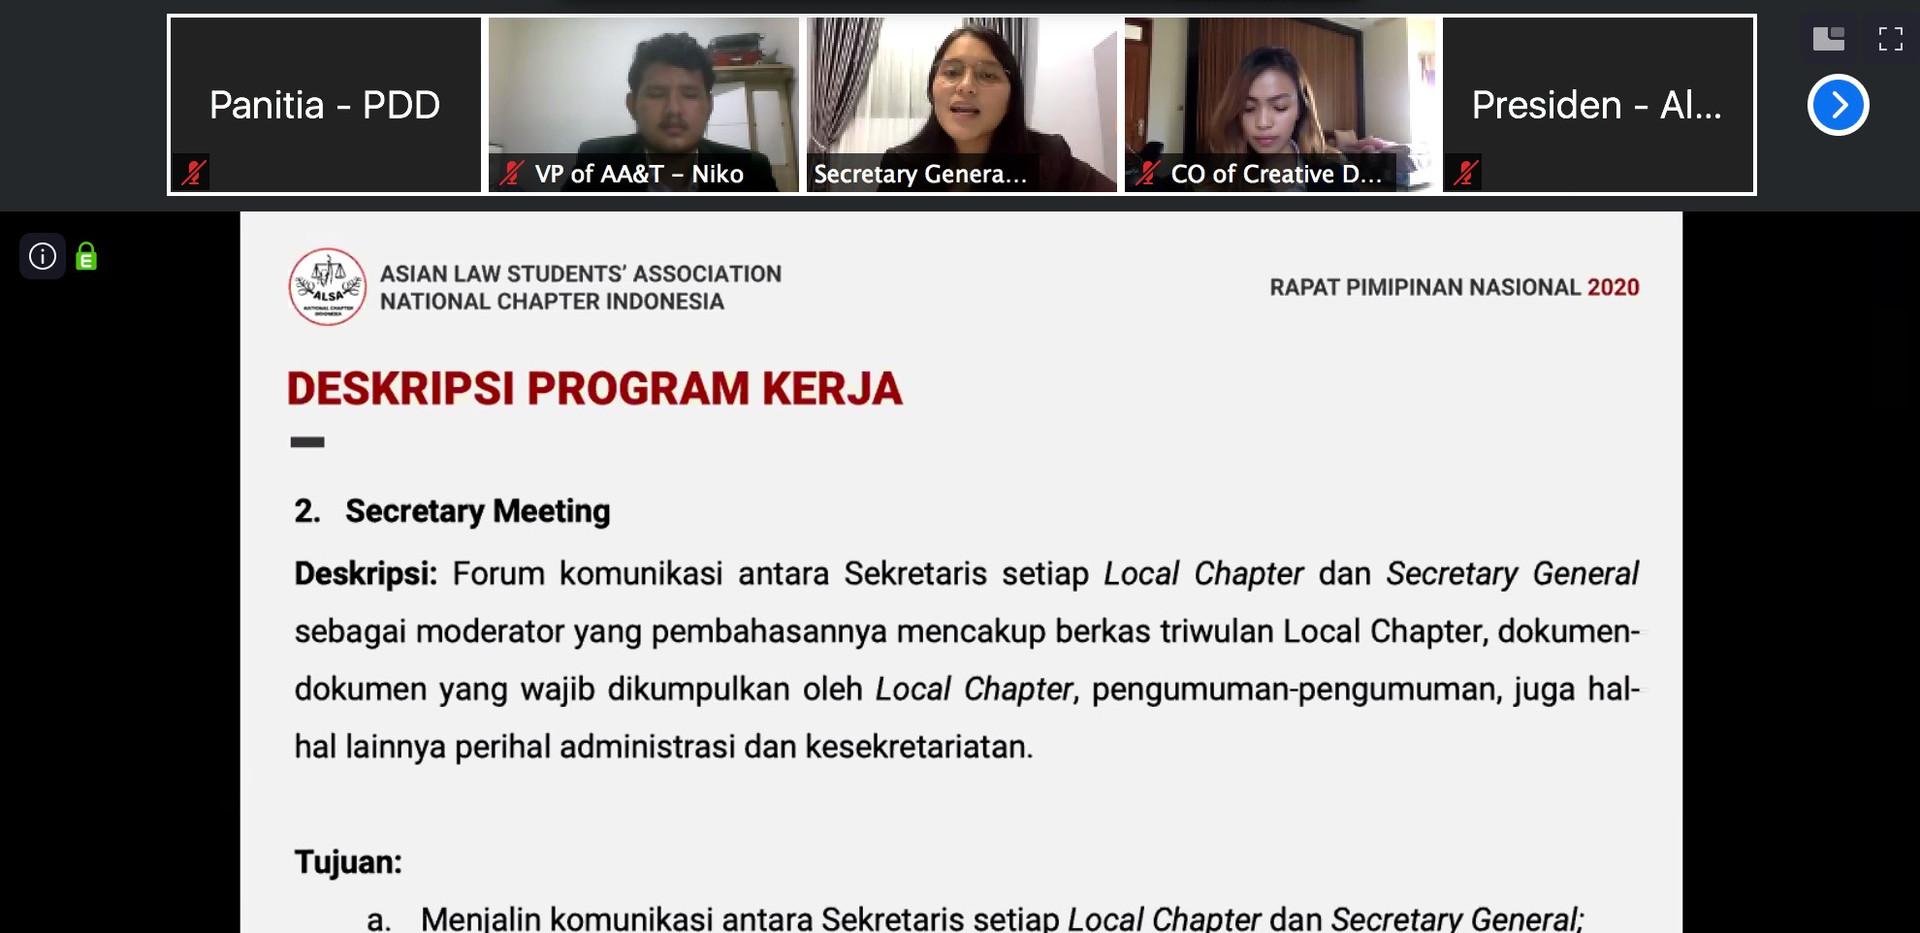 Presentasi Secretary General